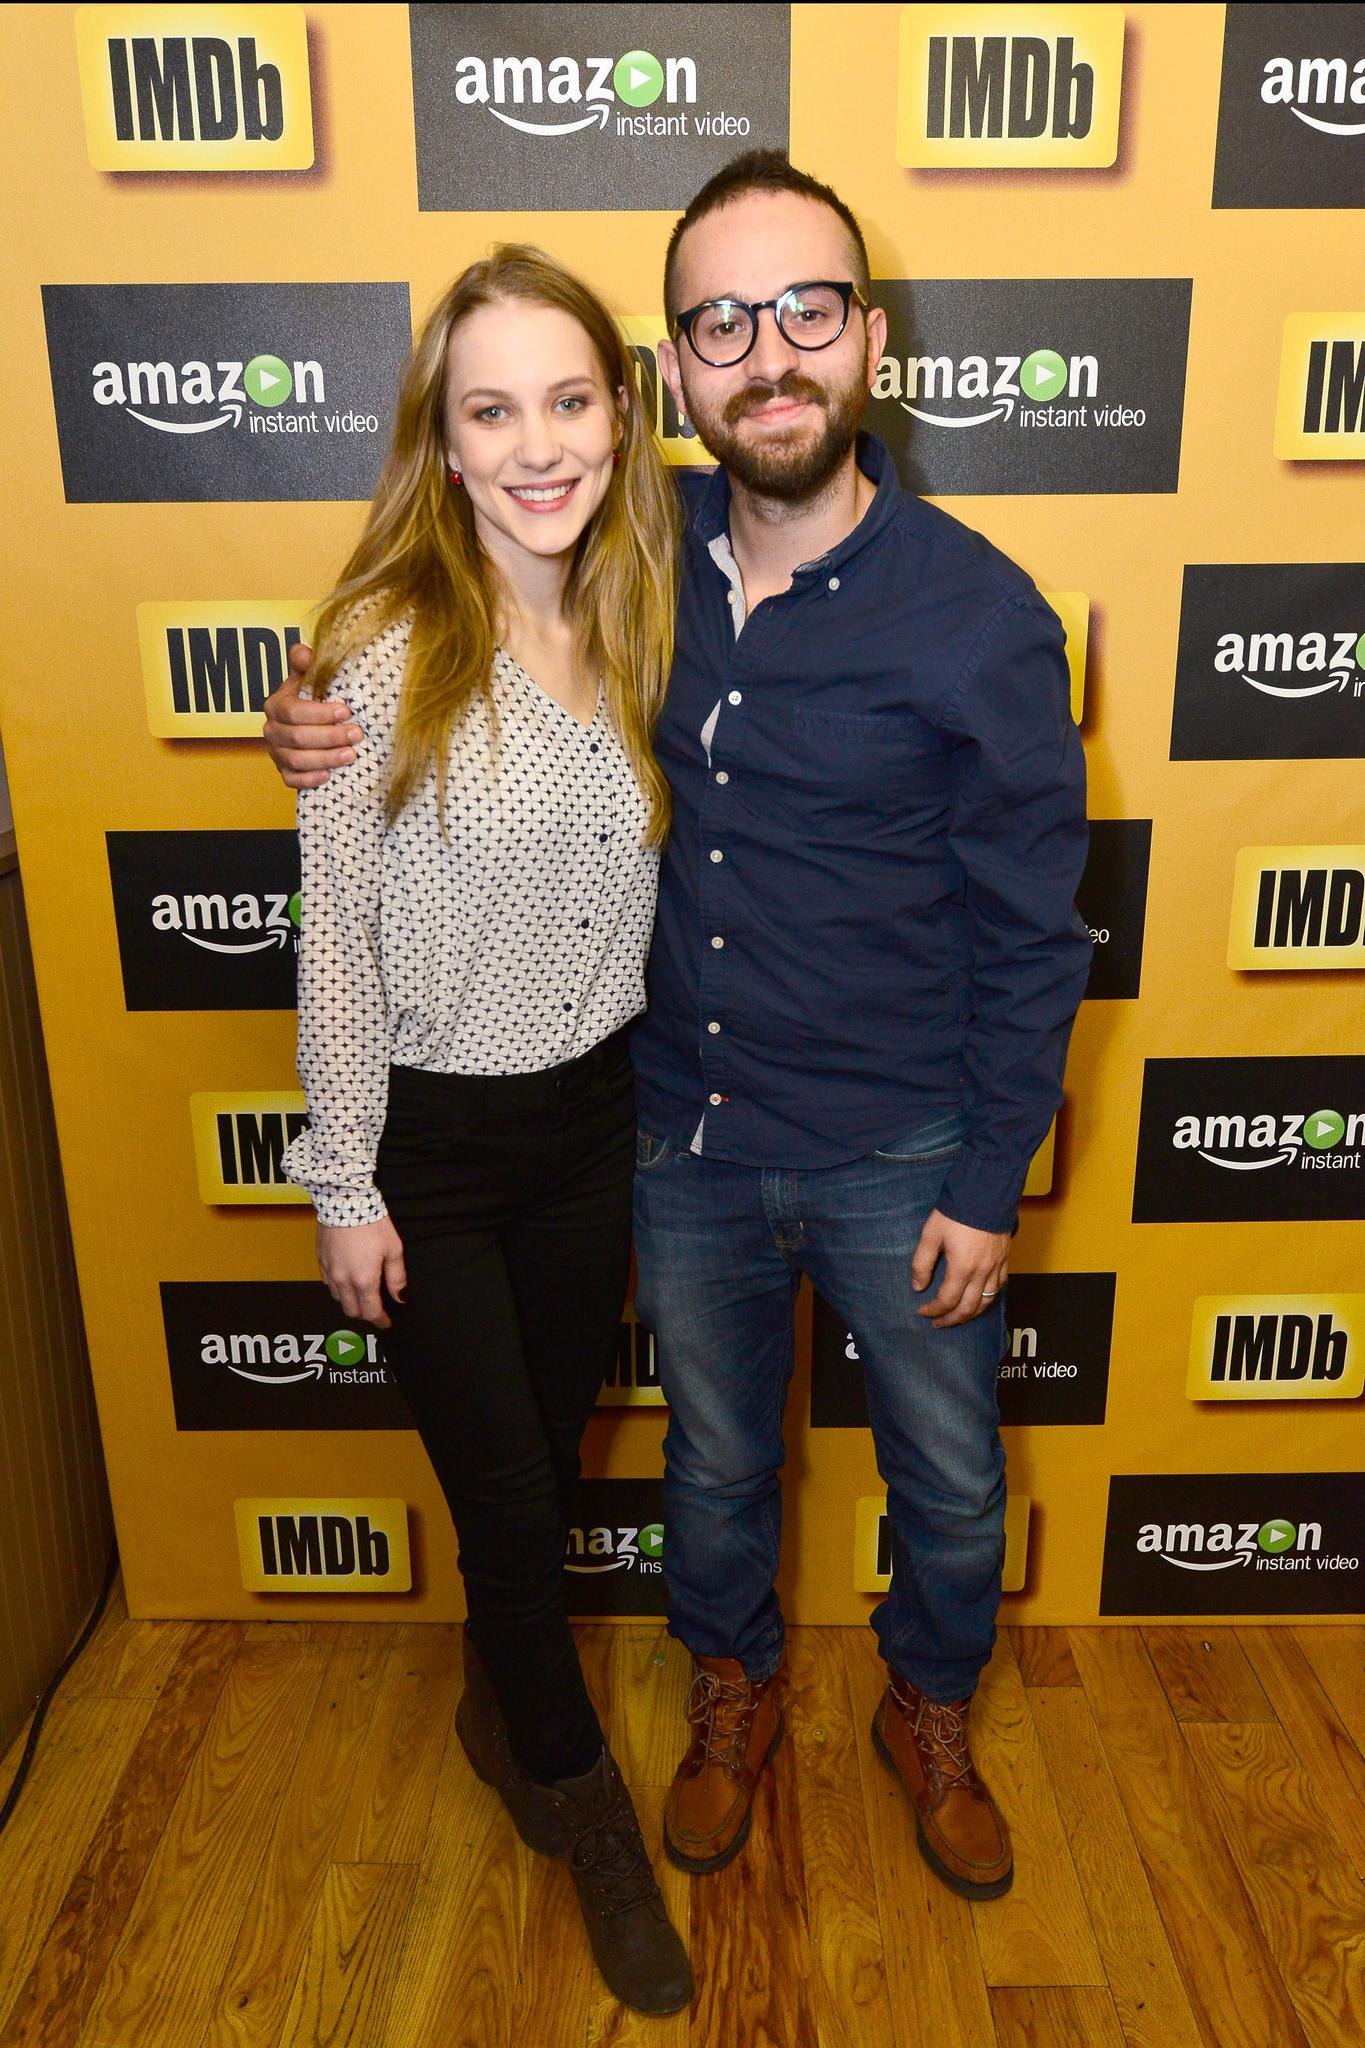 José Manuel Cravioto and Tina Ivlev at an event for The IMDb Studio at Sundance (2015)